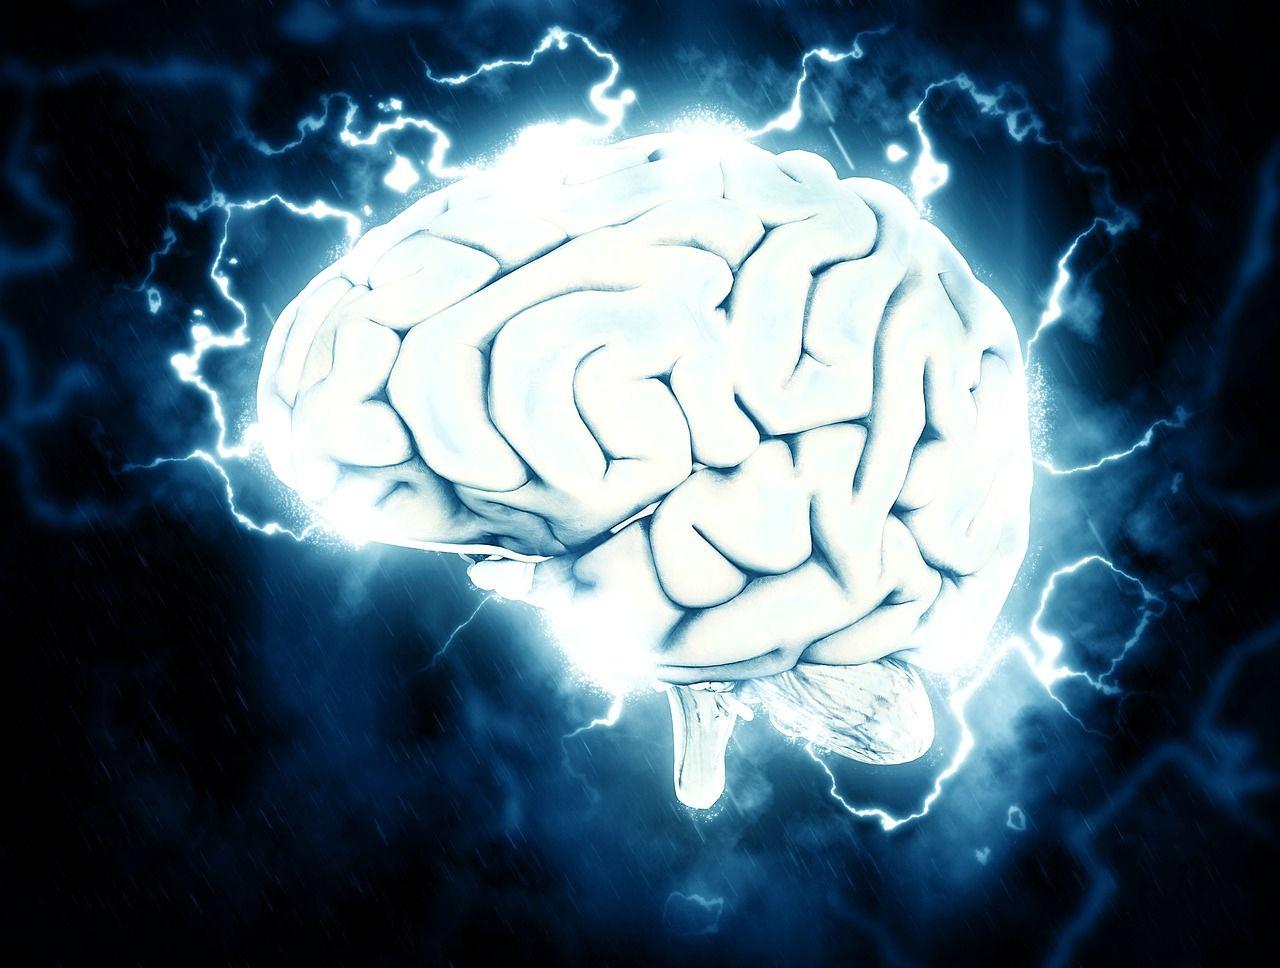 Morte cerebrale: diagnosi e definizione secondo la legge italiana